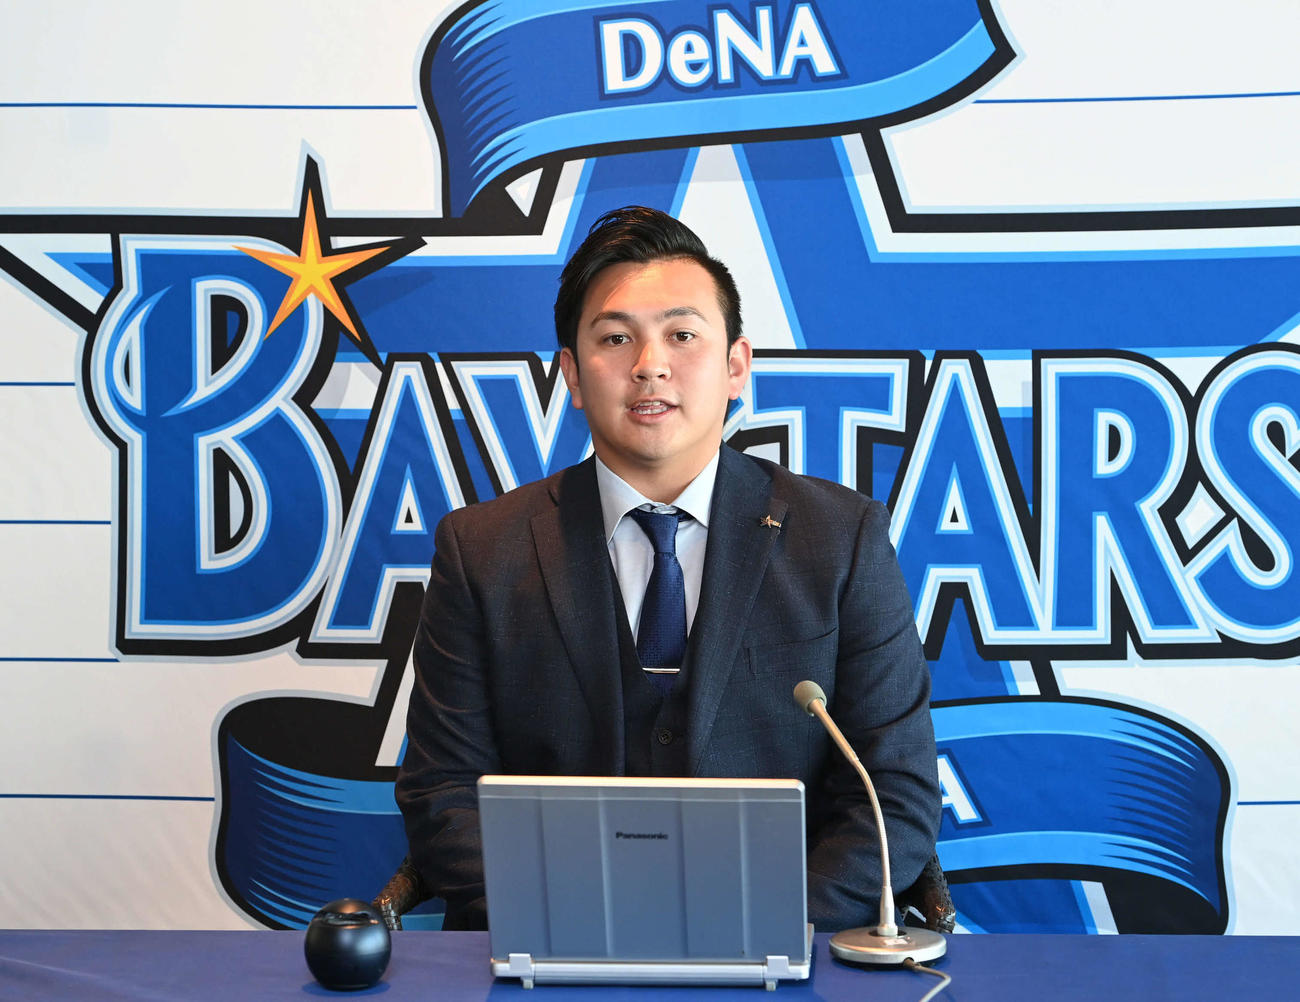 契約更改後のオンライン会見に臨むDeNA山崎(2020年12月22日撮影)